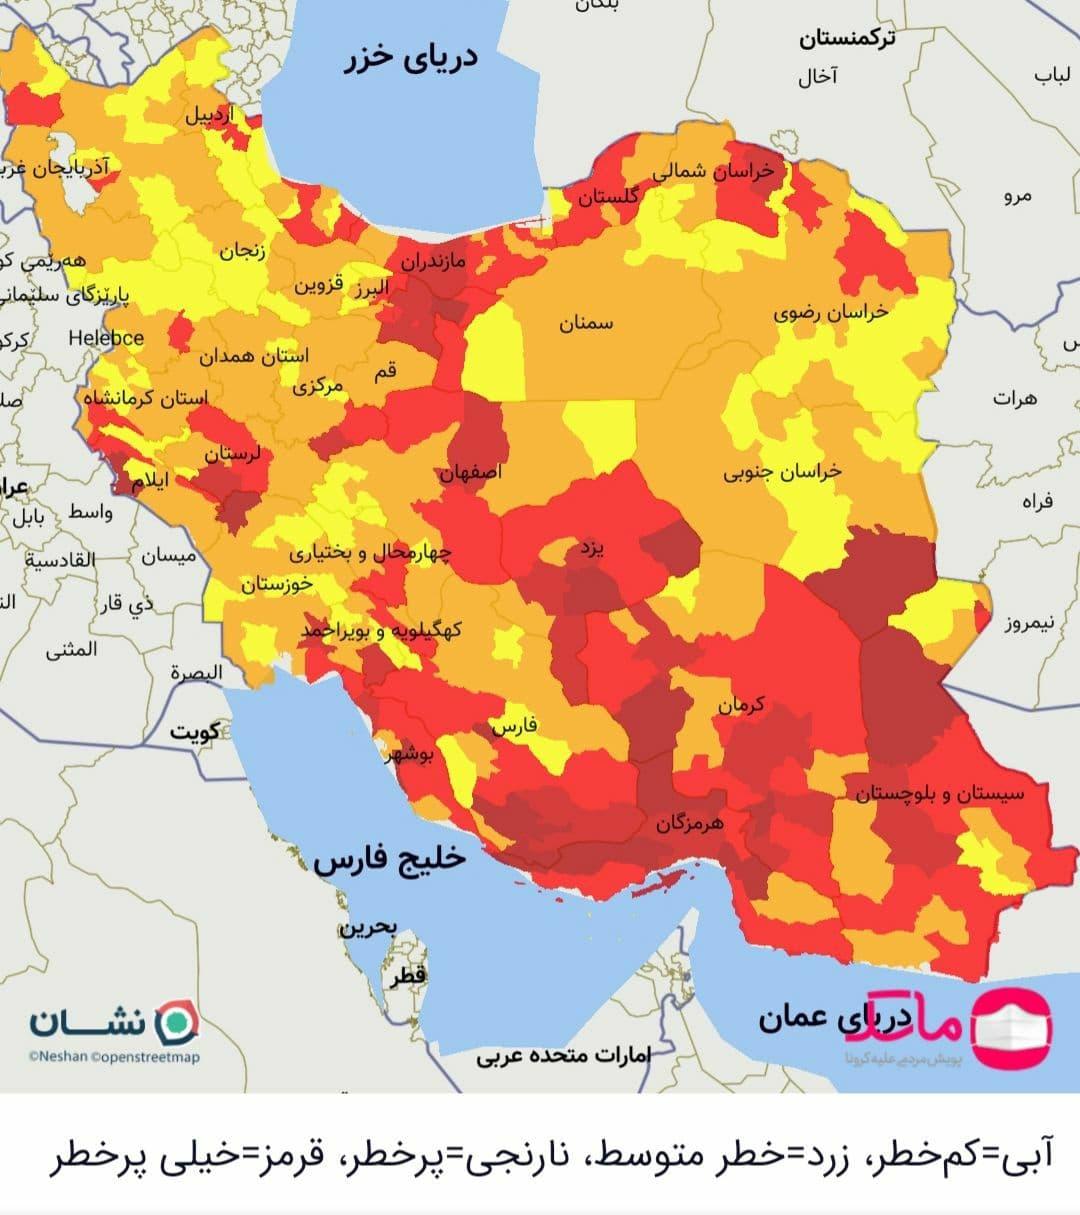 افزایش شهرستانهای قرمز کرونا به ۱۴۳